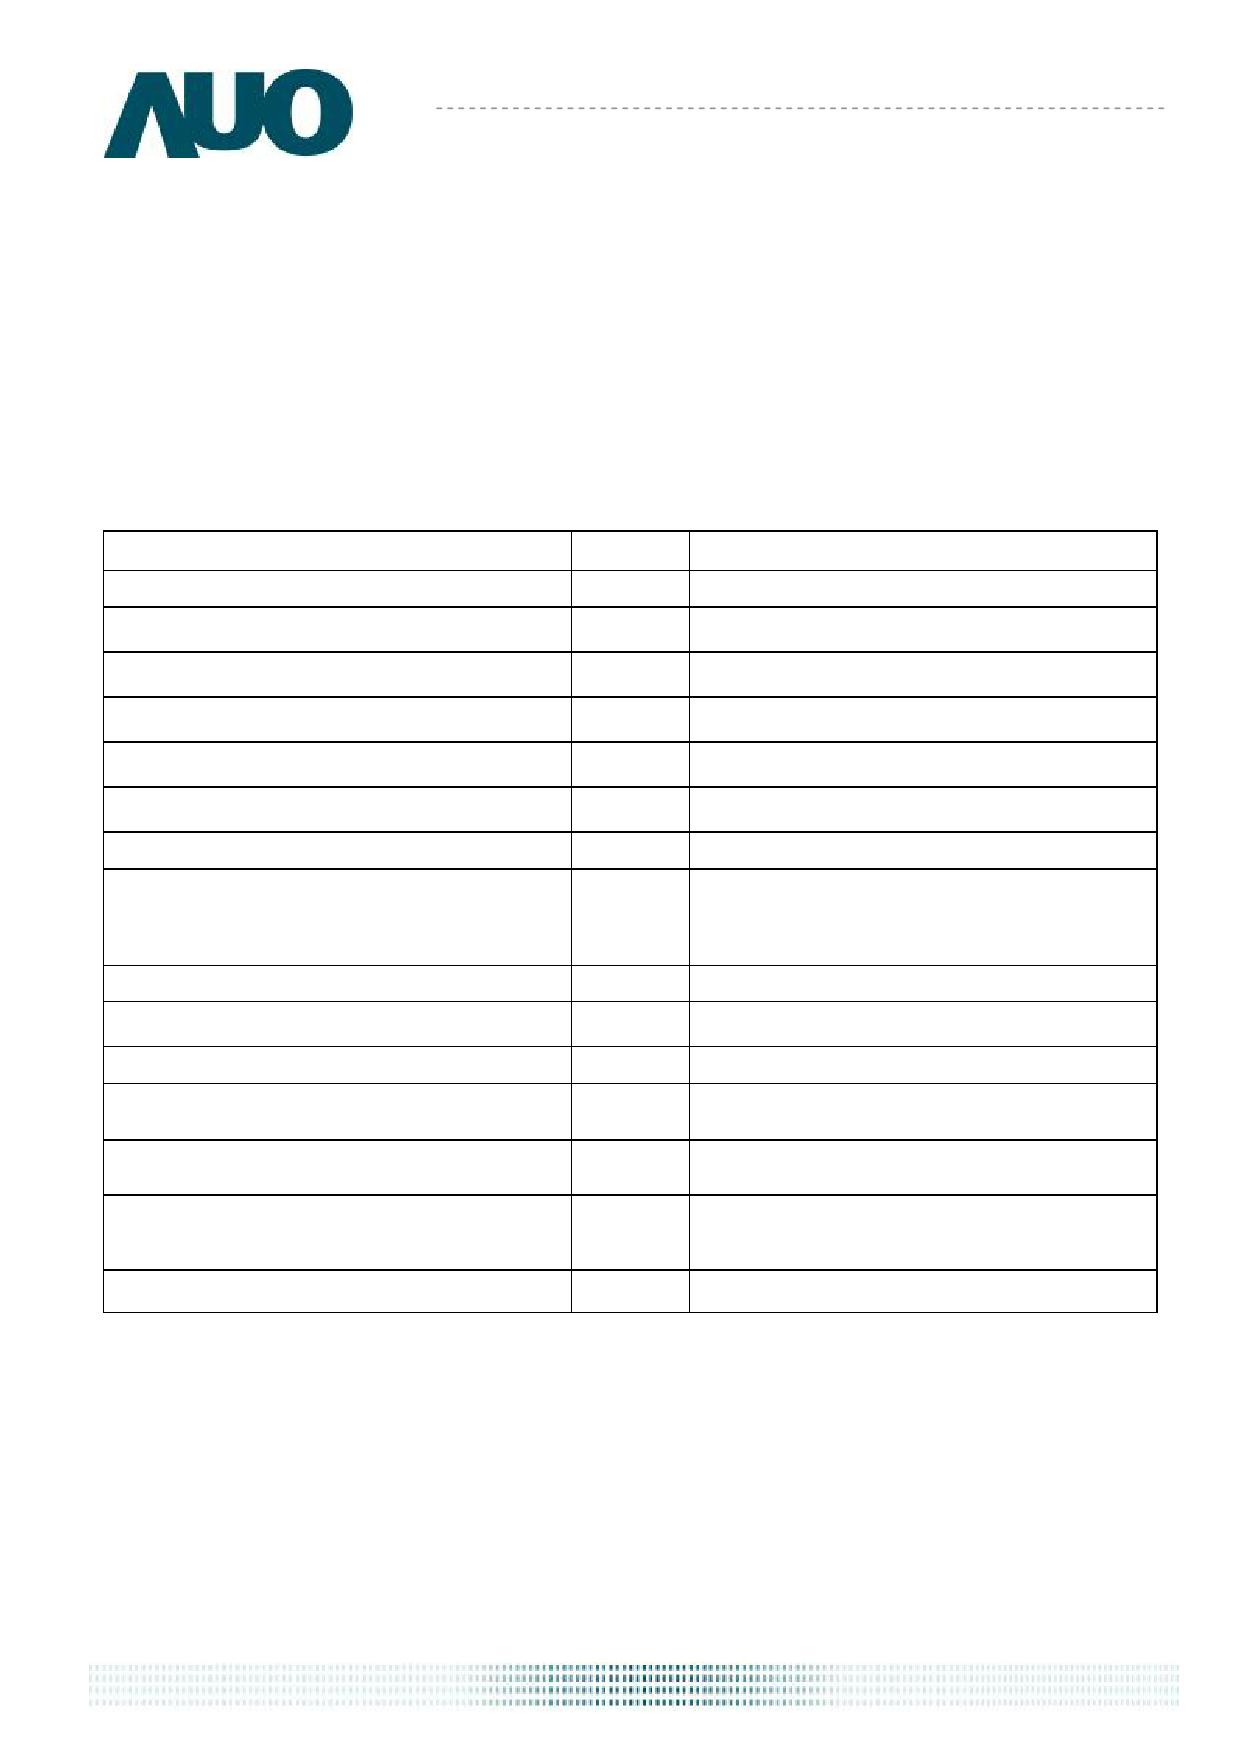 G104SN03-V1 pdf